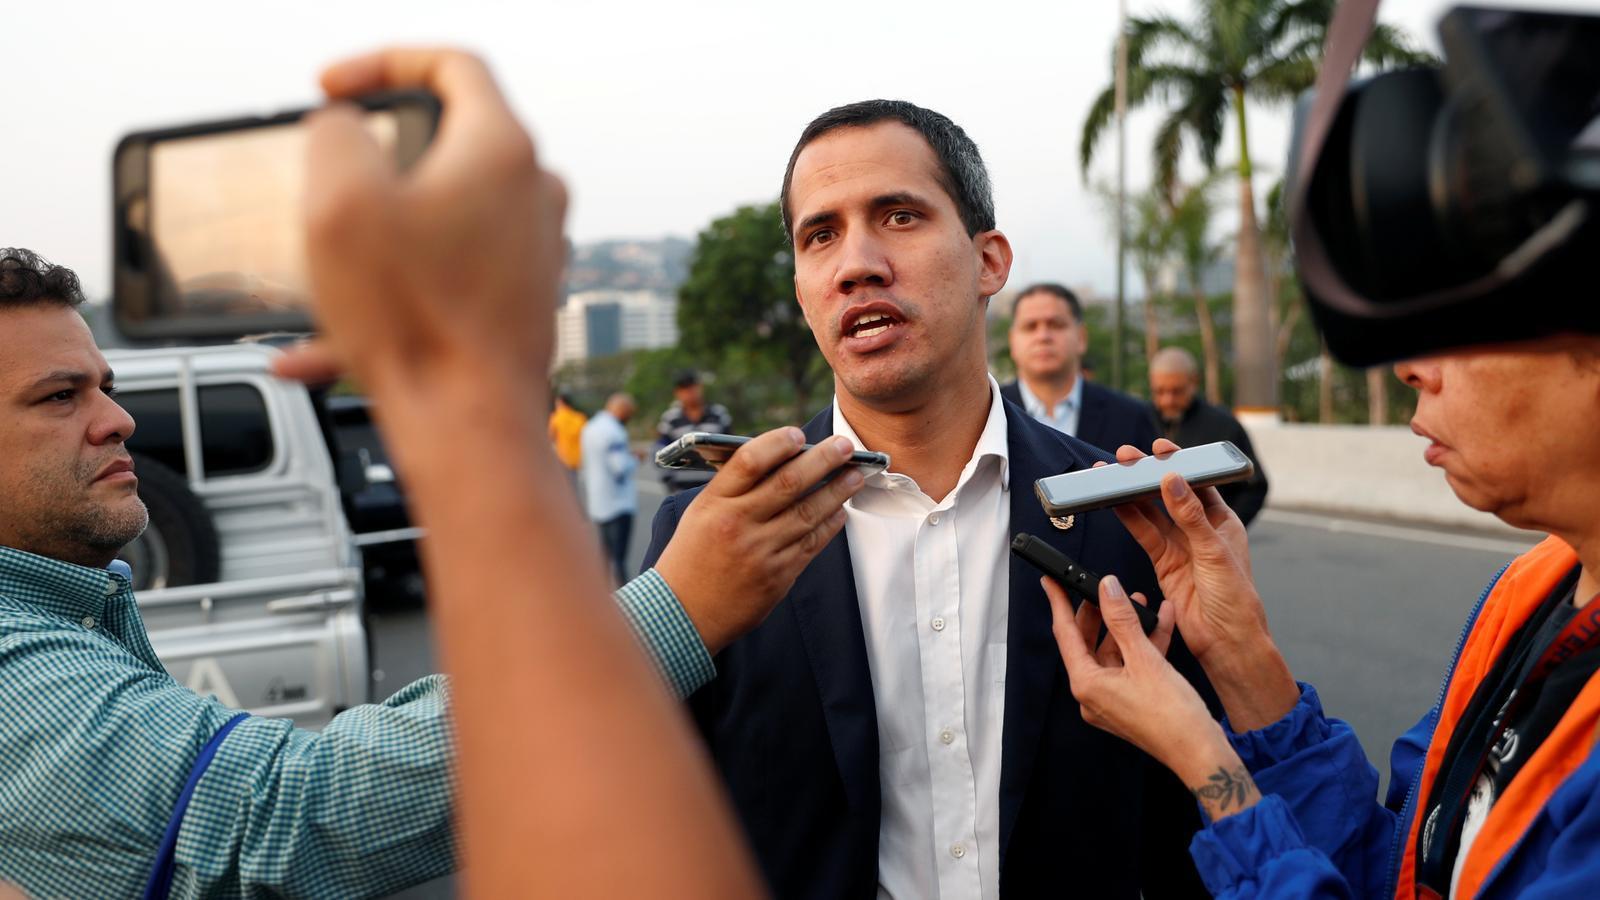 Guaidó anuncia que té el suport dels militars després que l'exèrcit hagi alliberat l'opositor Leopoldo López